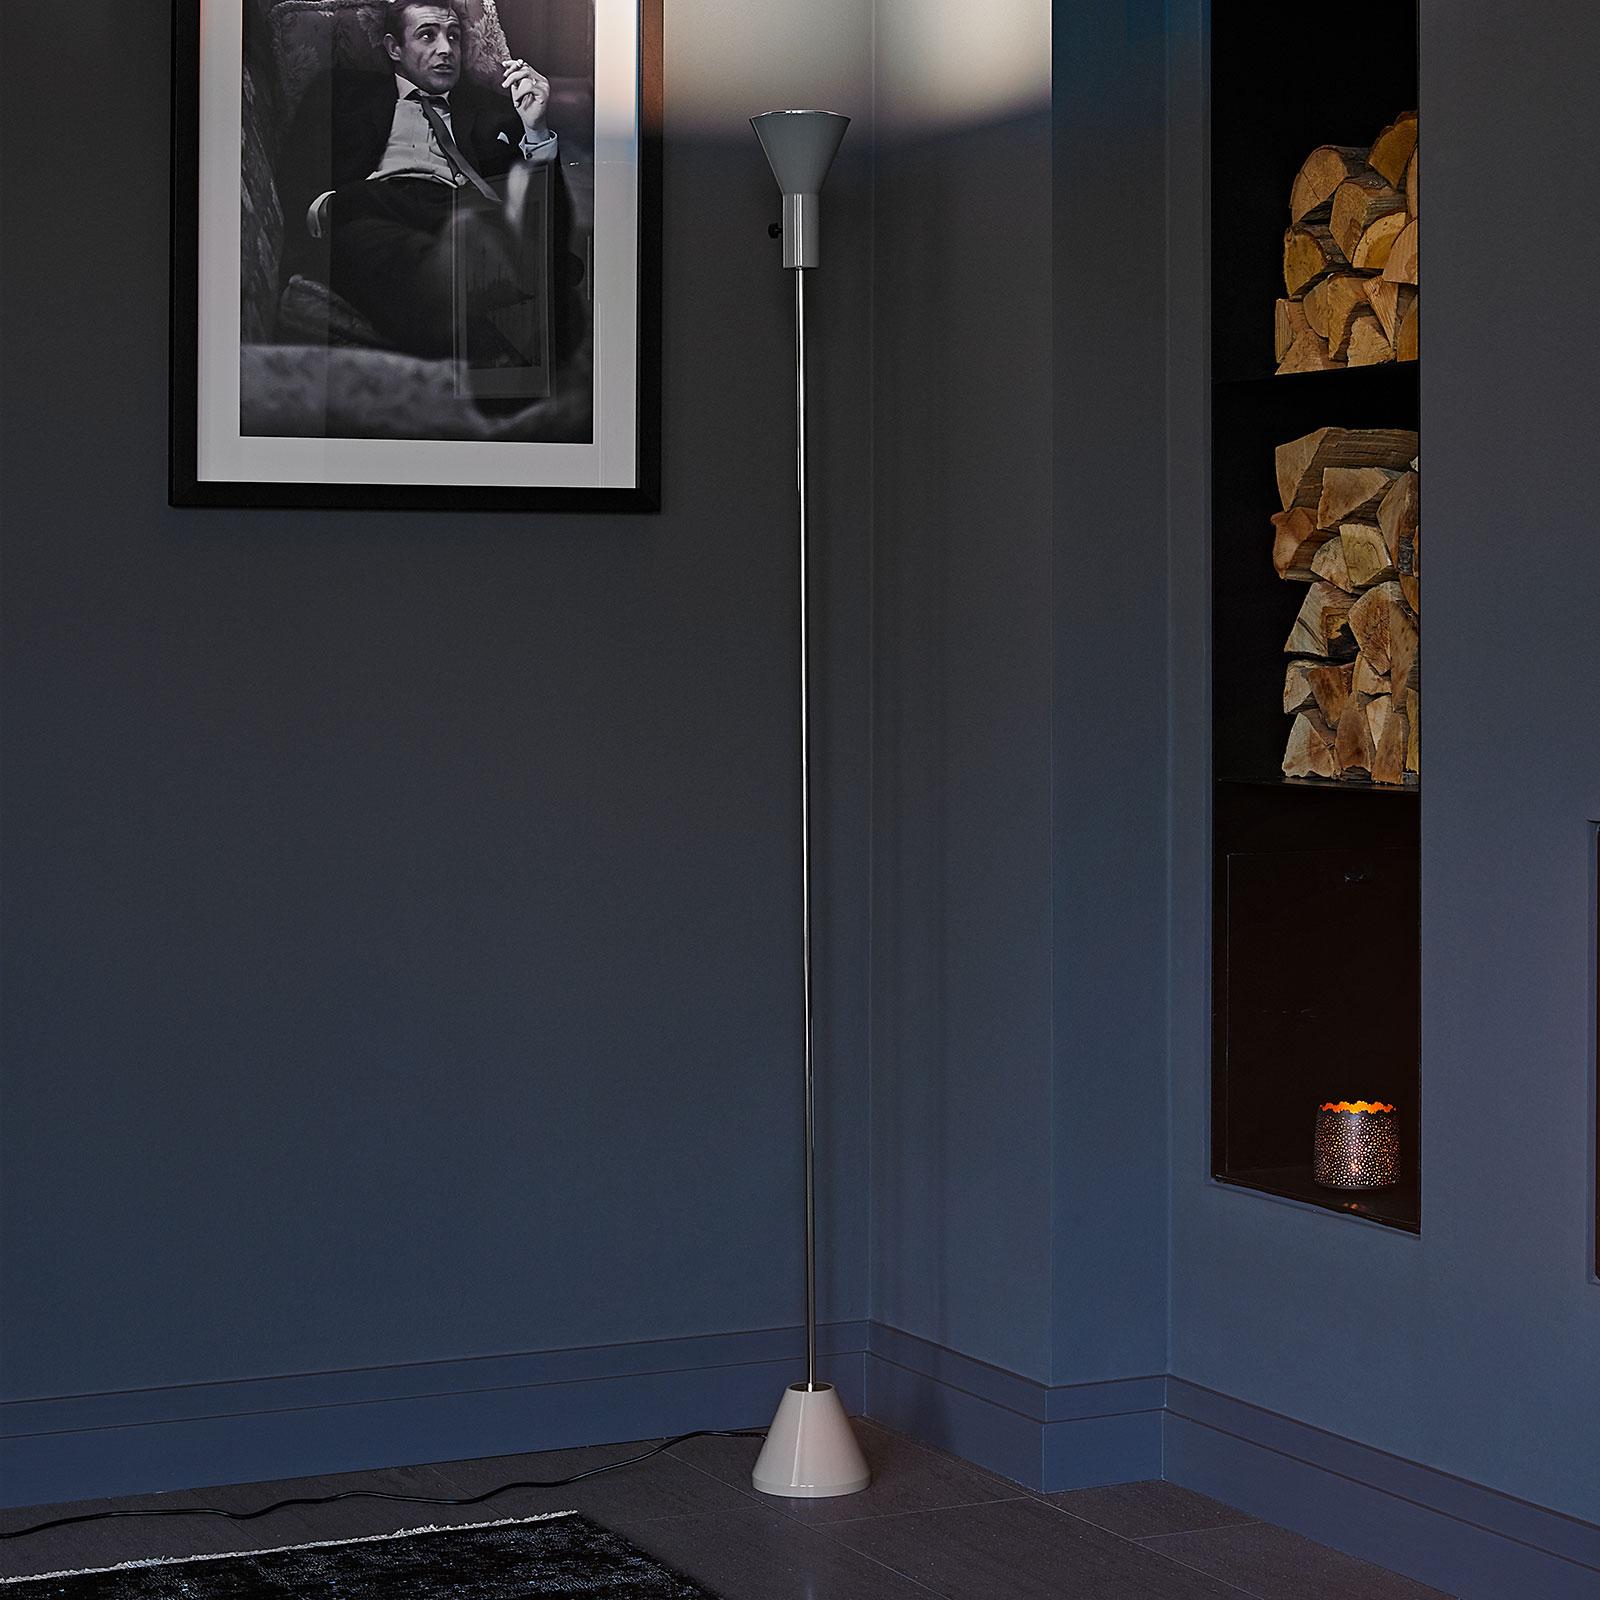 Lampa stojąca LED Gru z wbudowanym ściemniaczem